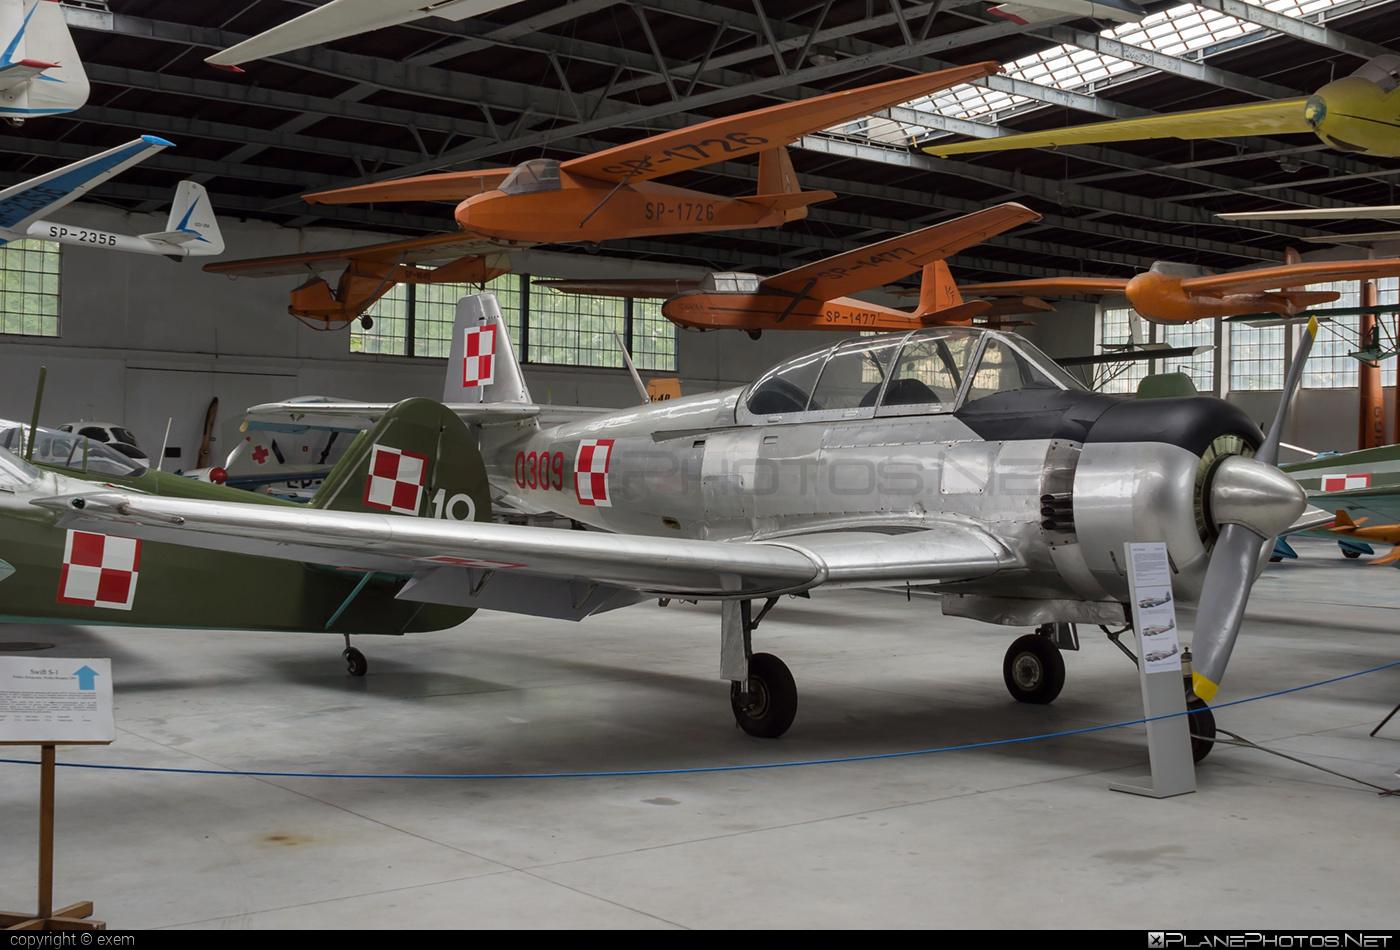 PZL-Mielec TS-8 BII Bies - 0309 operated by Siły Powietrzne Rzeczypospolitej Polskiej (Polish Air Force) #polishairforce #pzl #pzlmielec #silypowietrzne